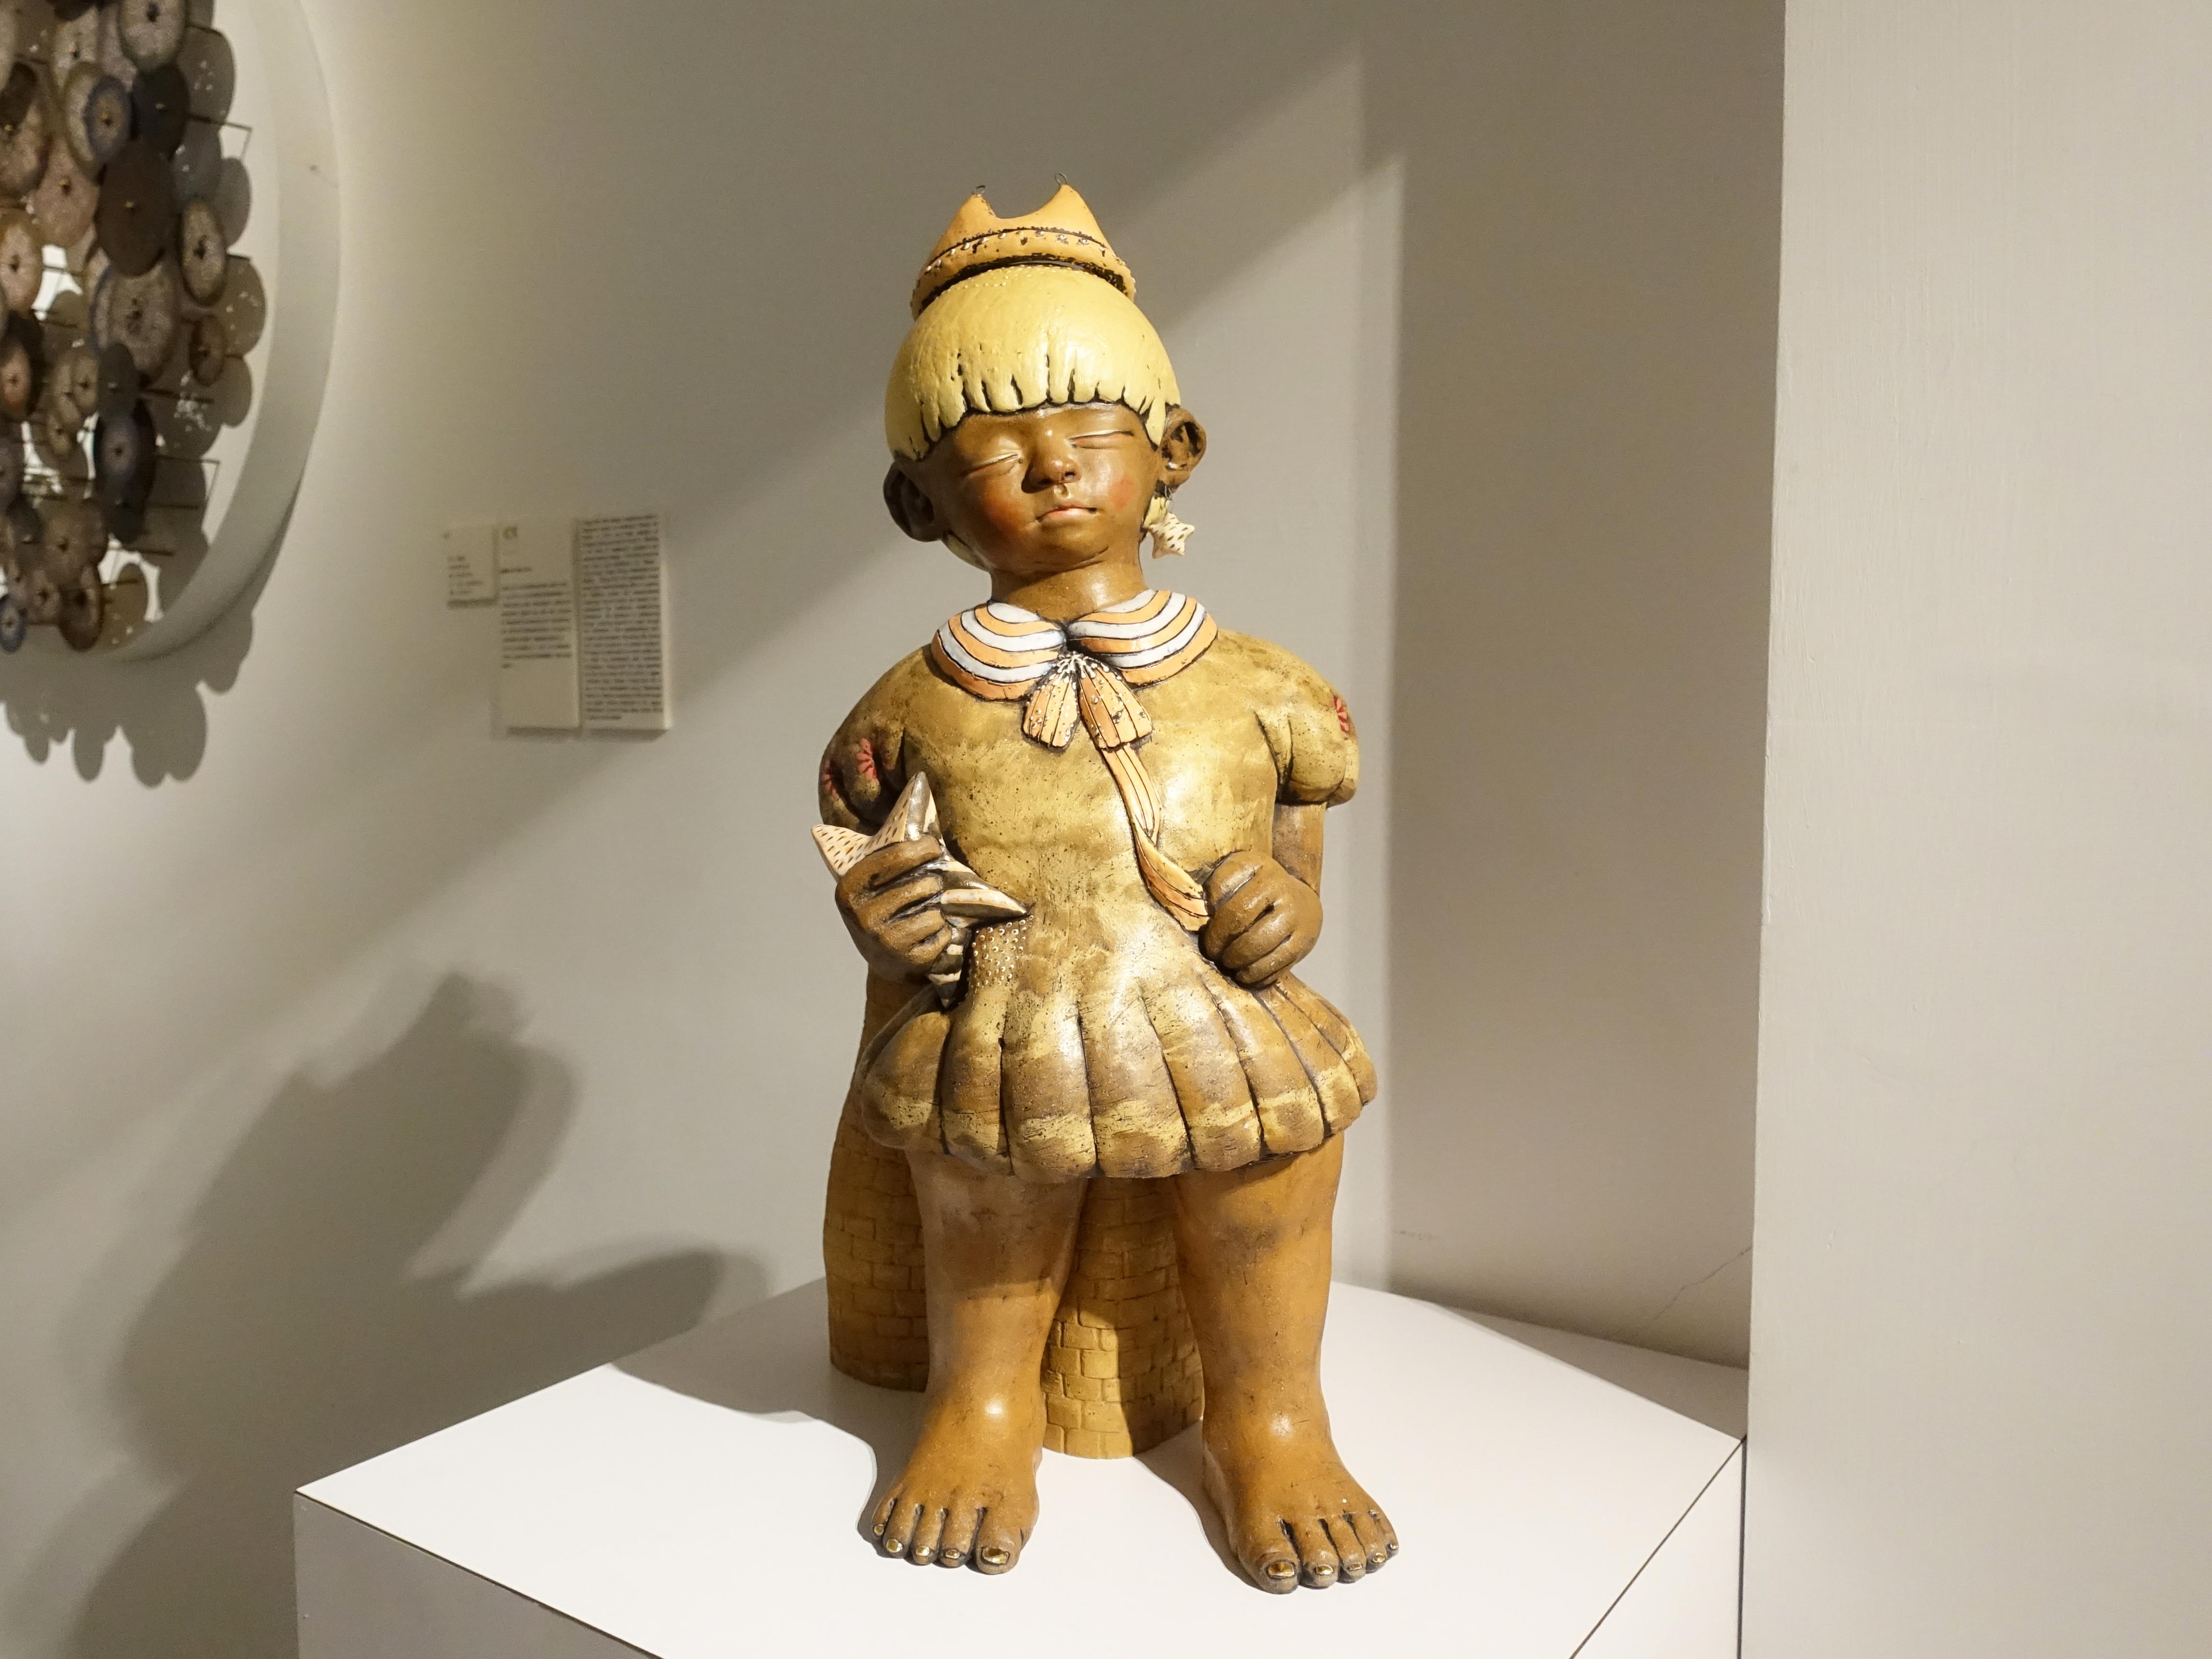 楊宗嘉,《王子心》,26 x 26 x 52cm,陶瓷、釉下彩、釉上彩、釉藥,2018。